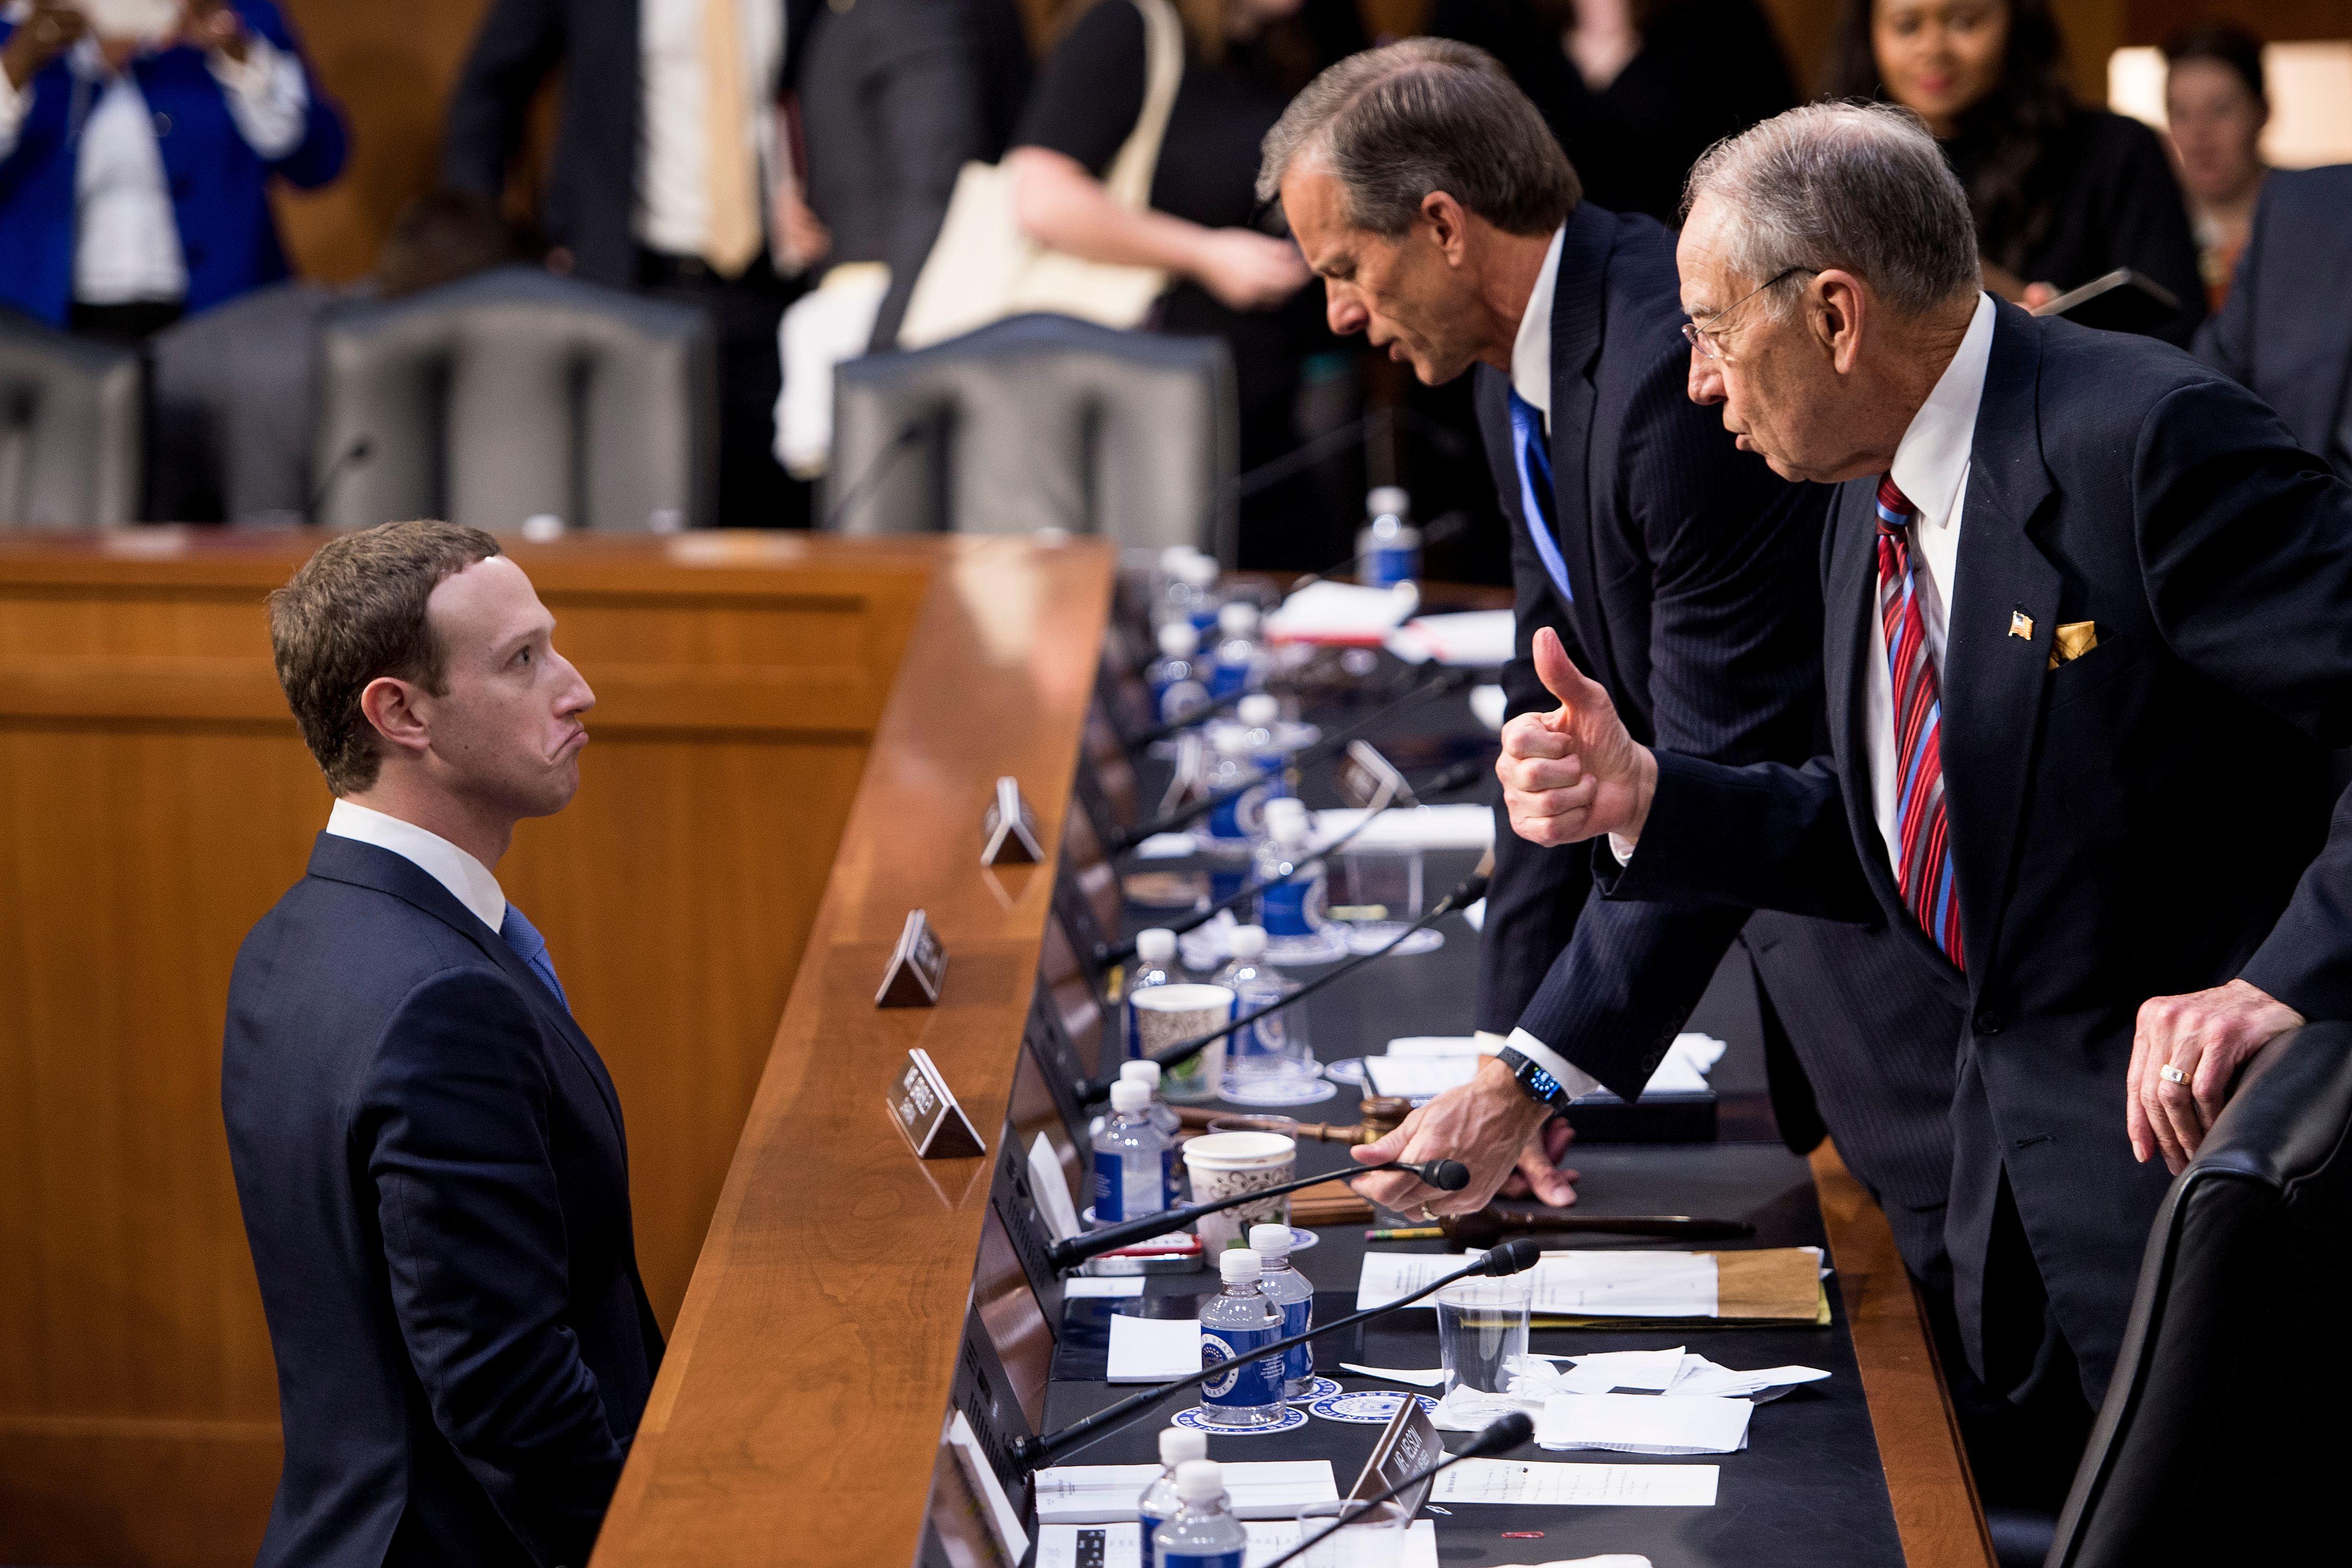 فيسبوك-غرامات-بيانات المستخدمين-مارك زوكربيرج